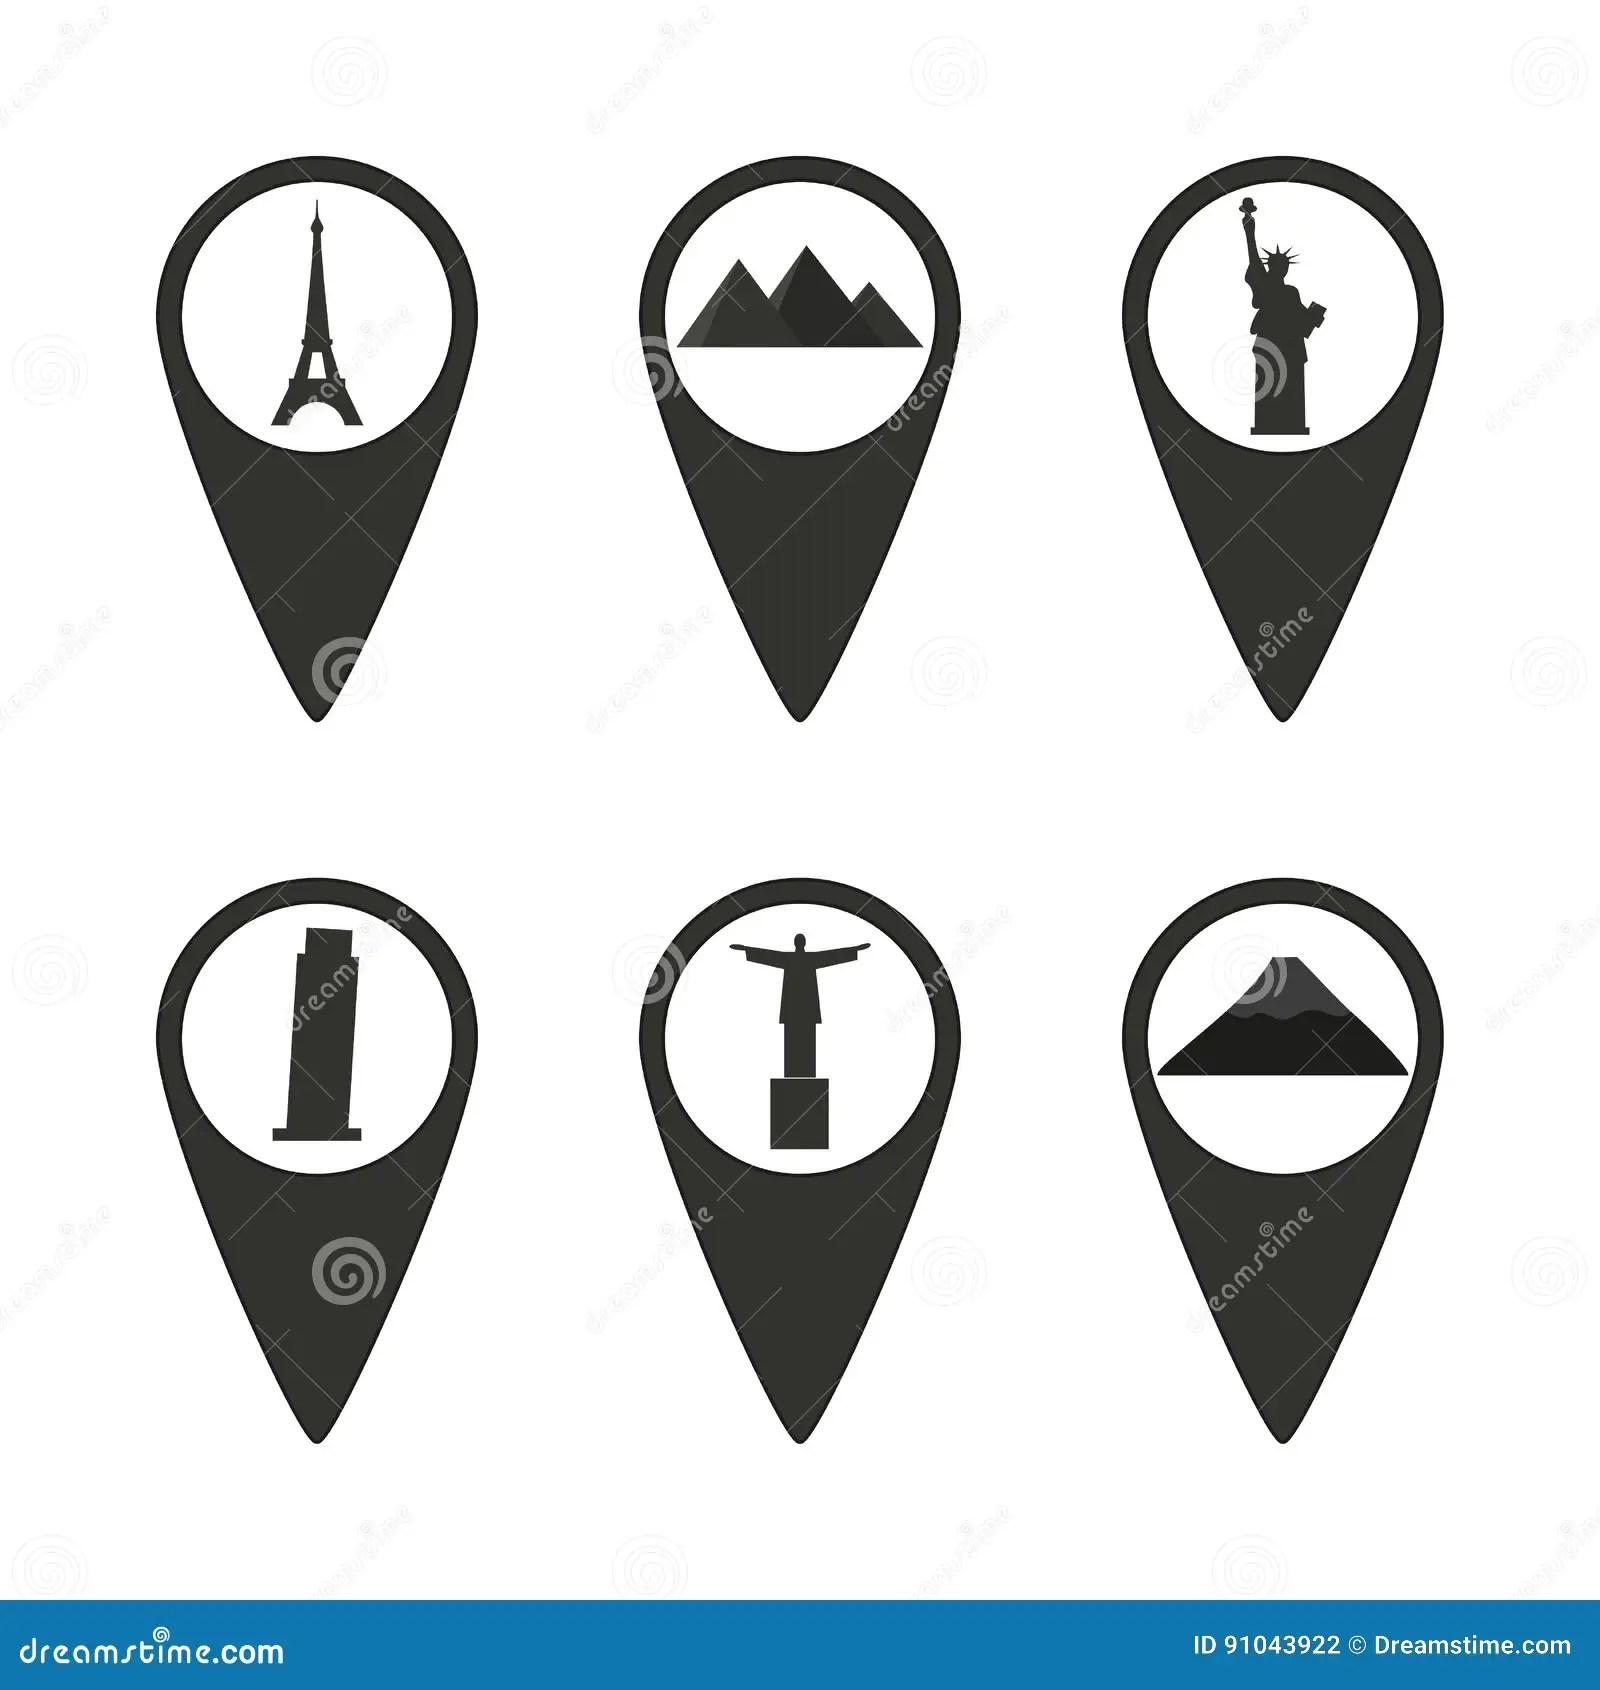 Cursor Locate Destination Icon Silhouette Man Vector